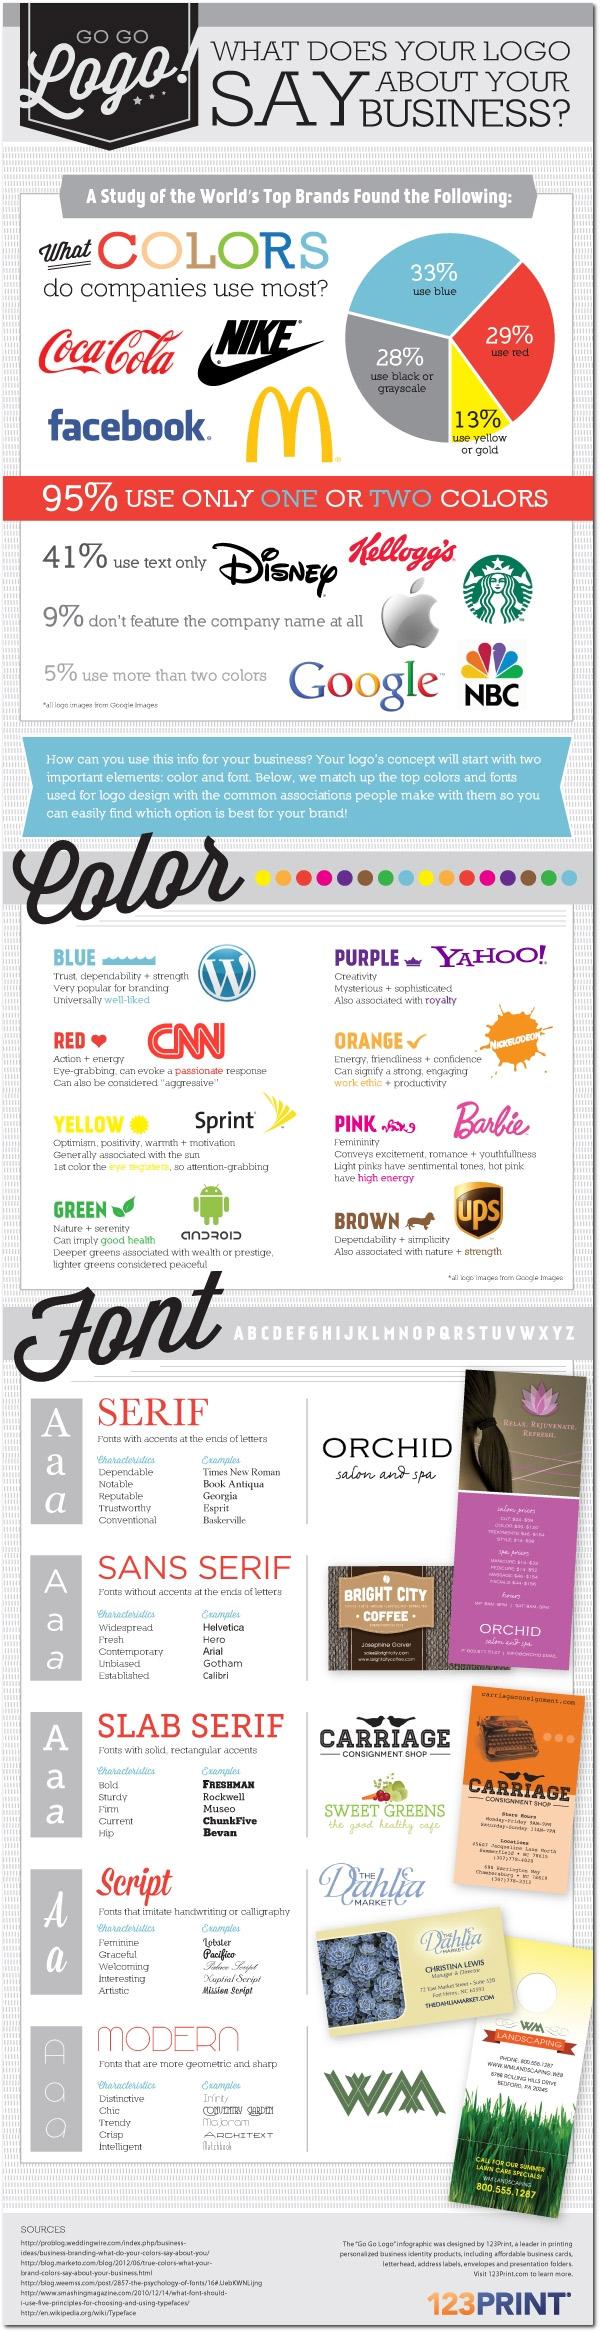 lo que el logotipo dice sobre su marca en una #infografía